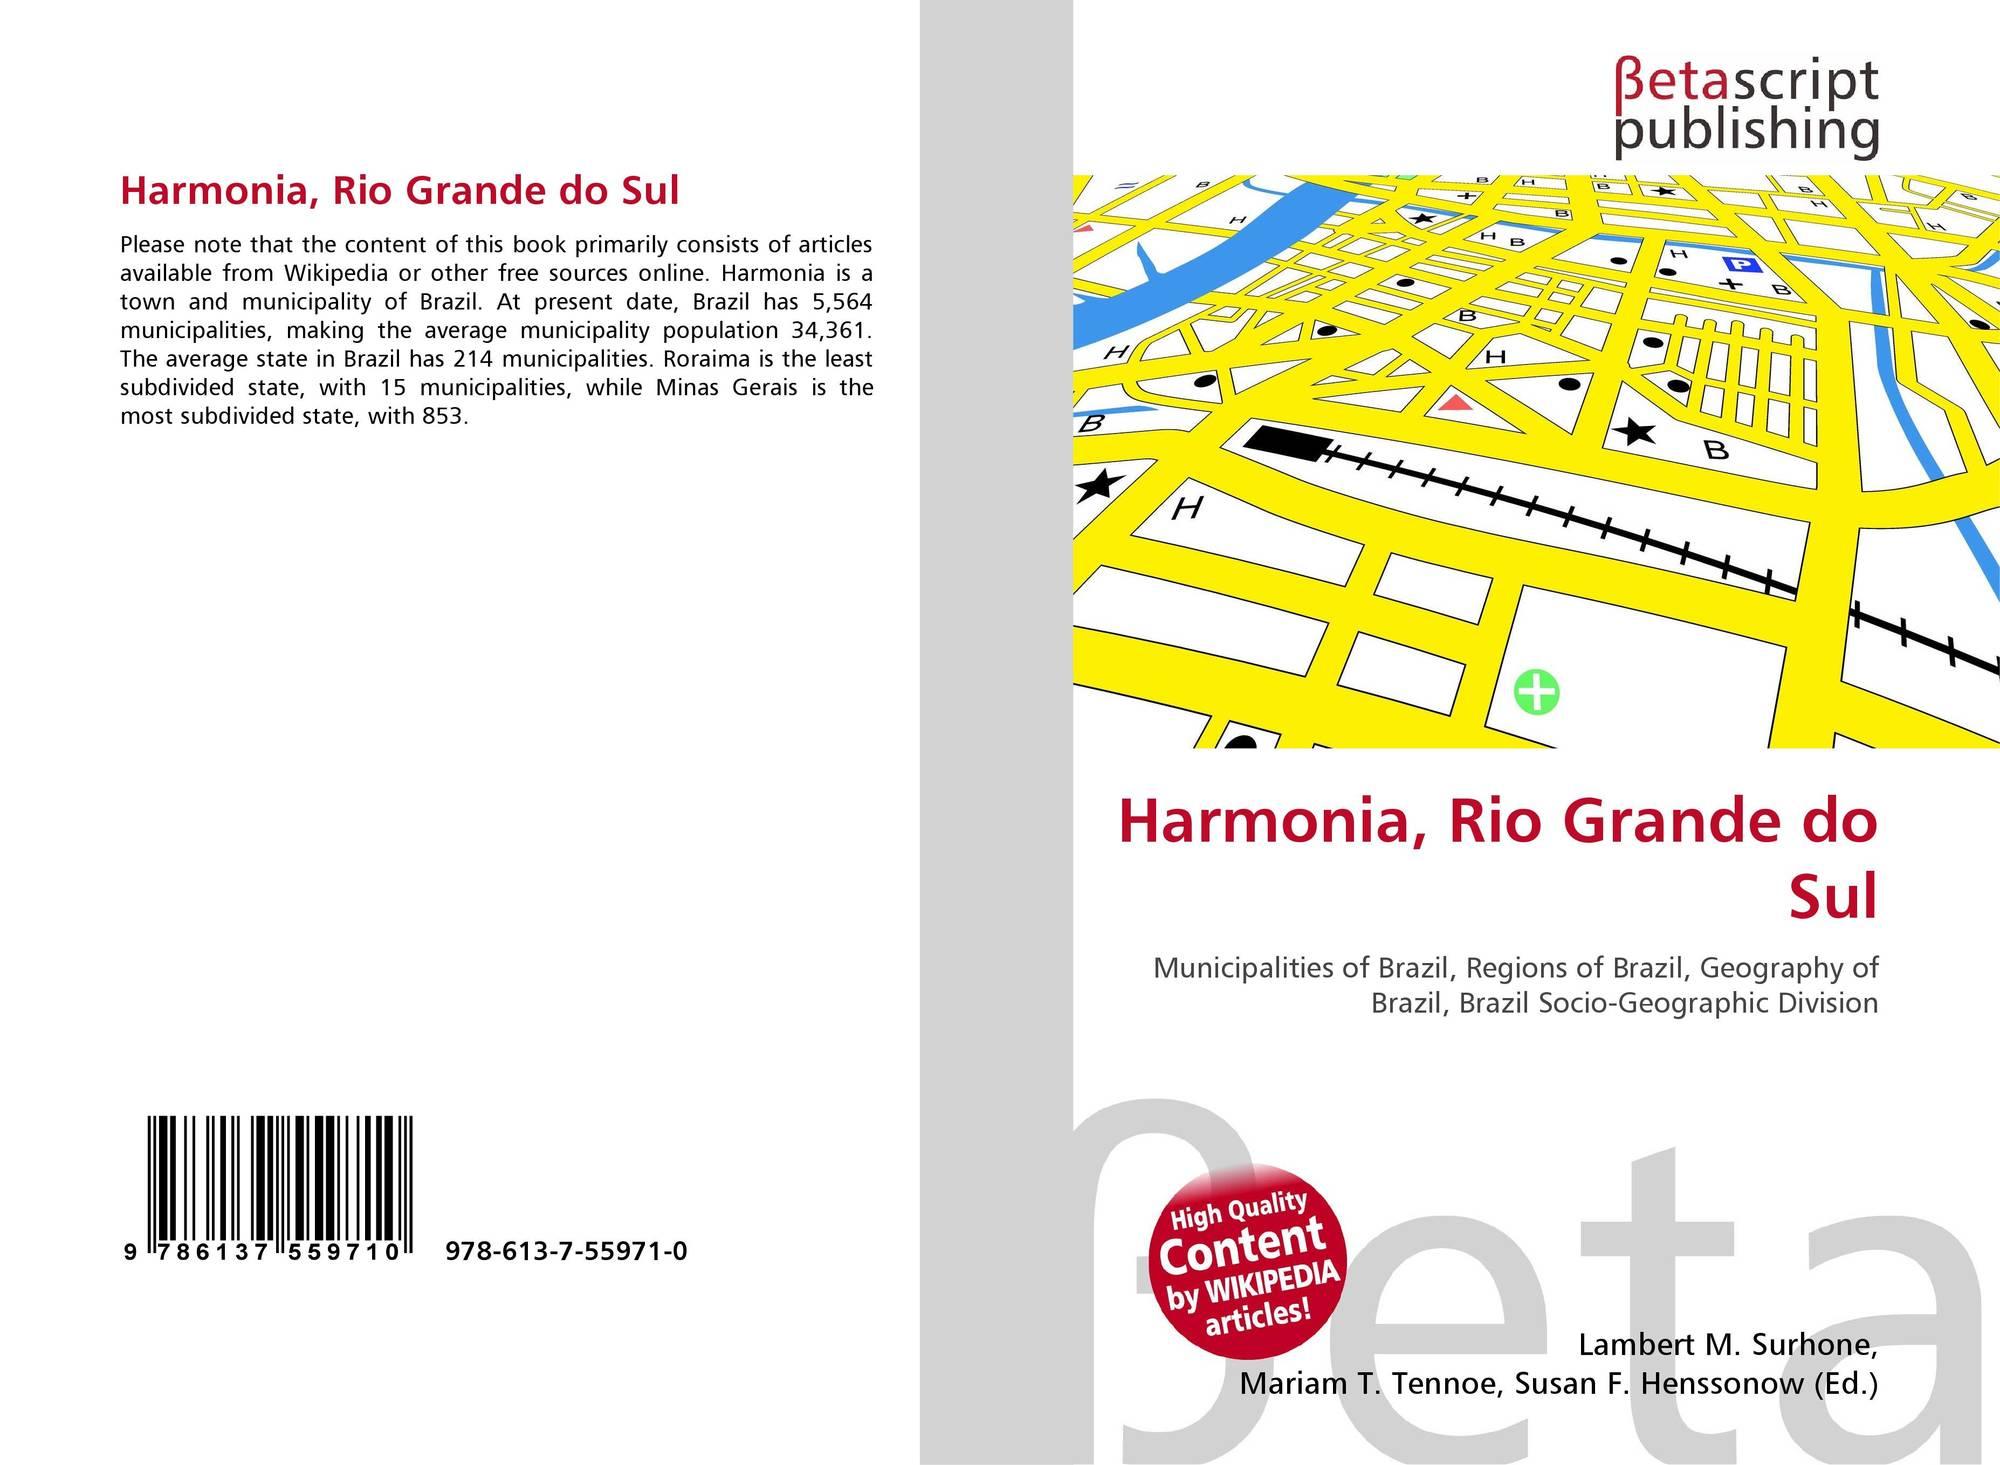 Harmonia Rio Grande do Sul fonte: images.our-assets.com